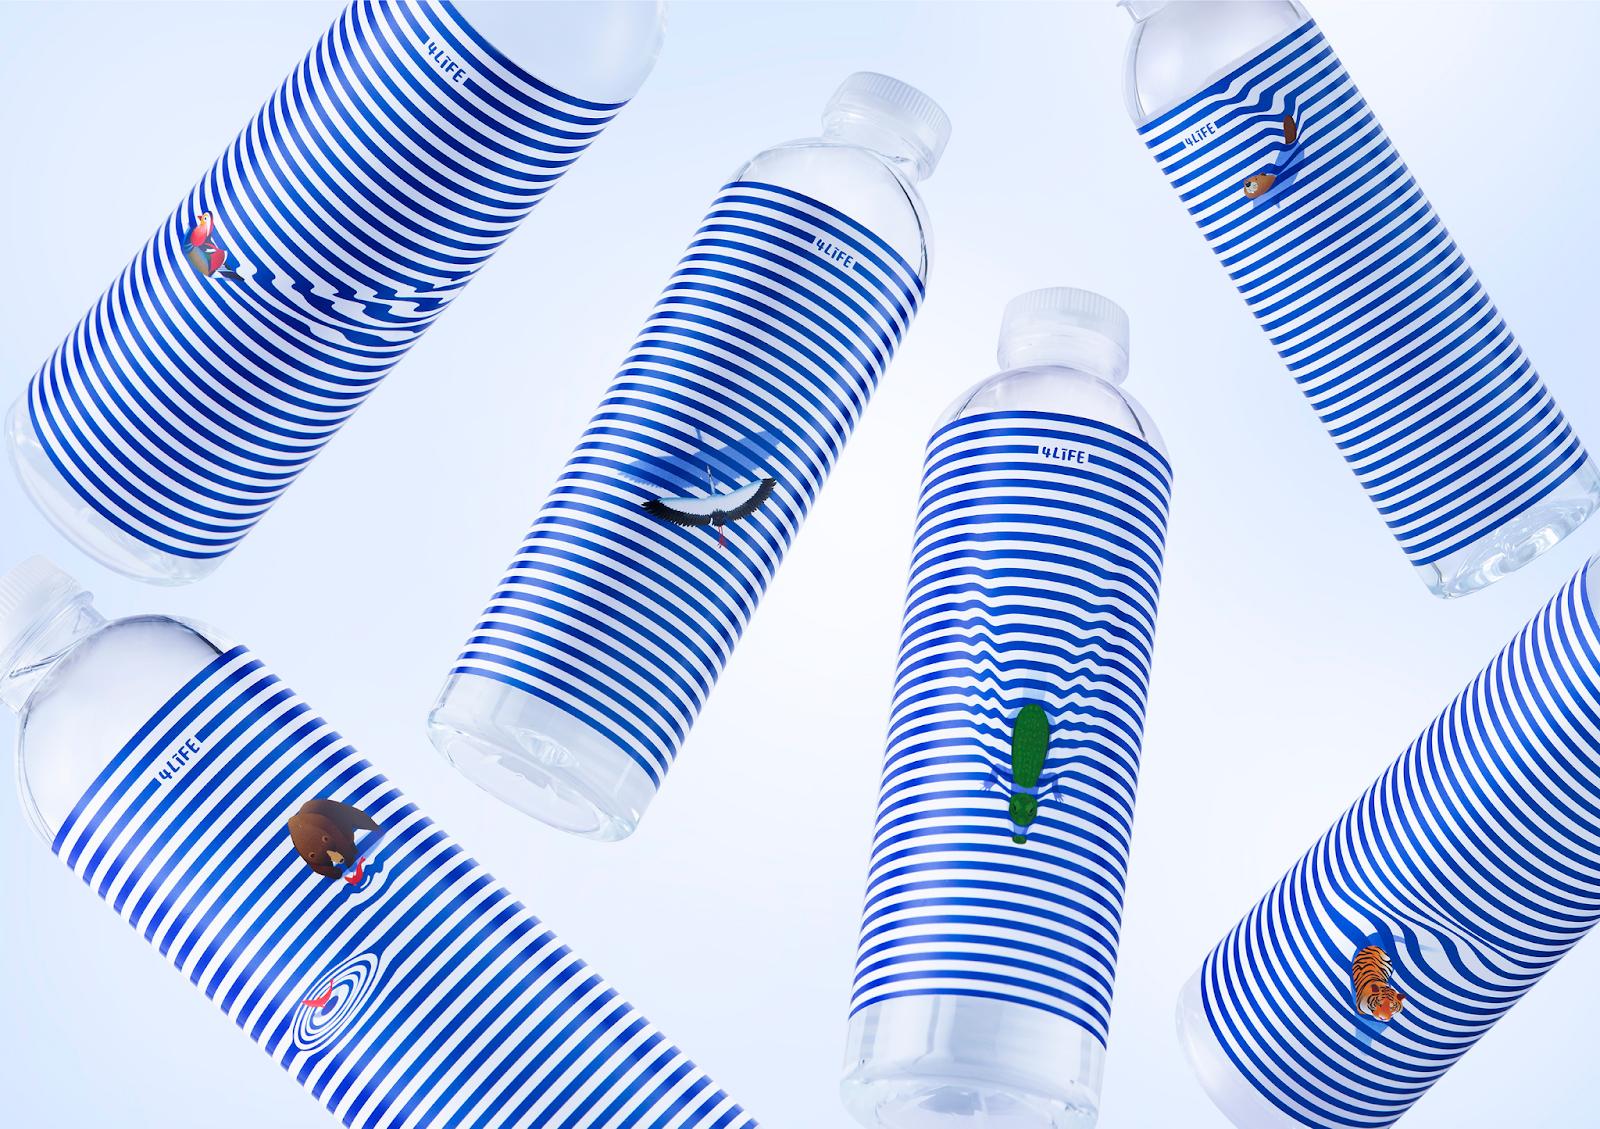 bottle product label design idea